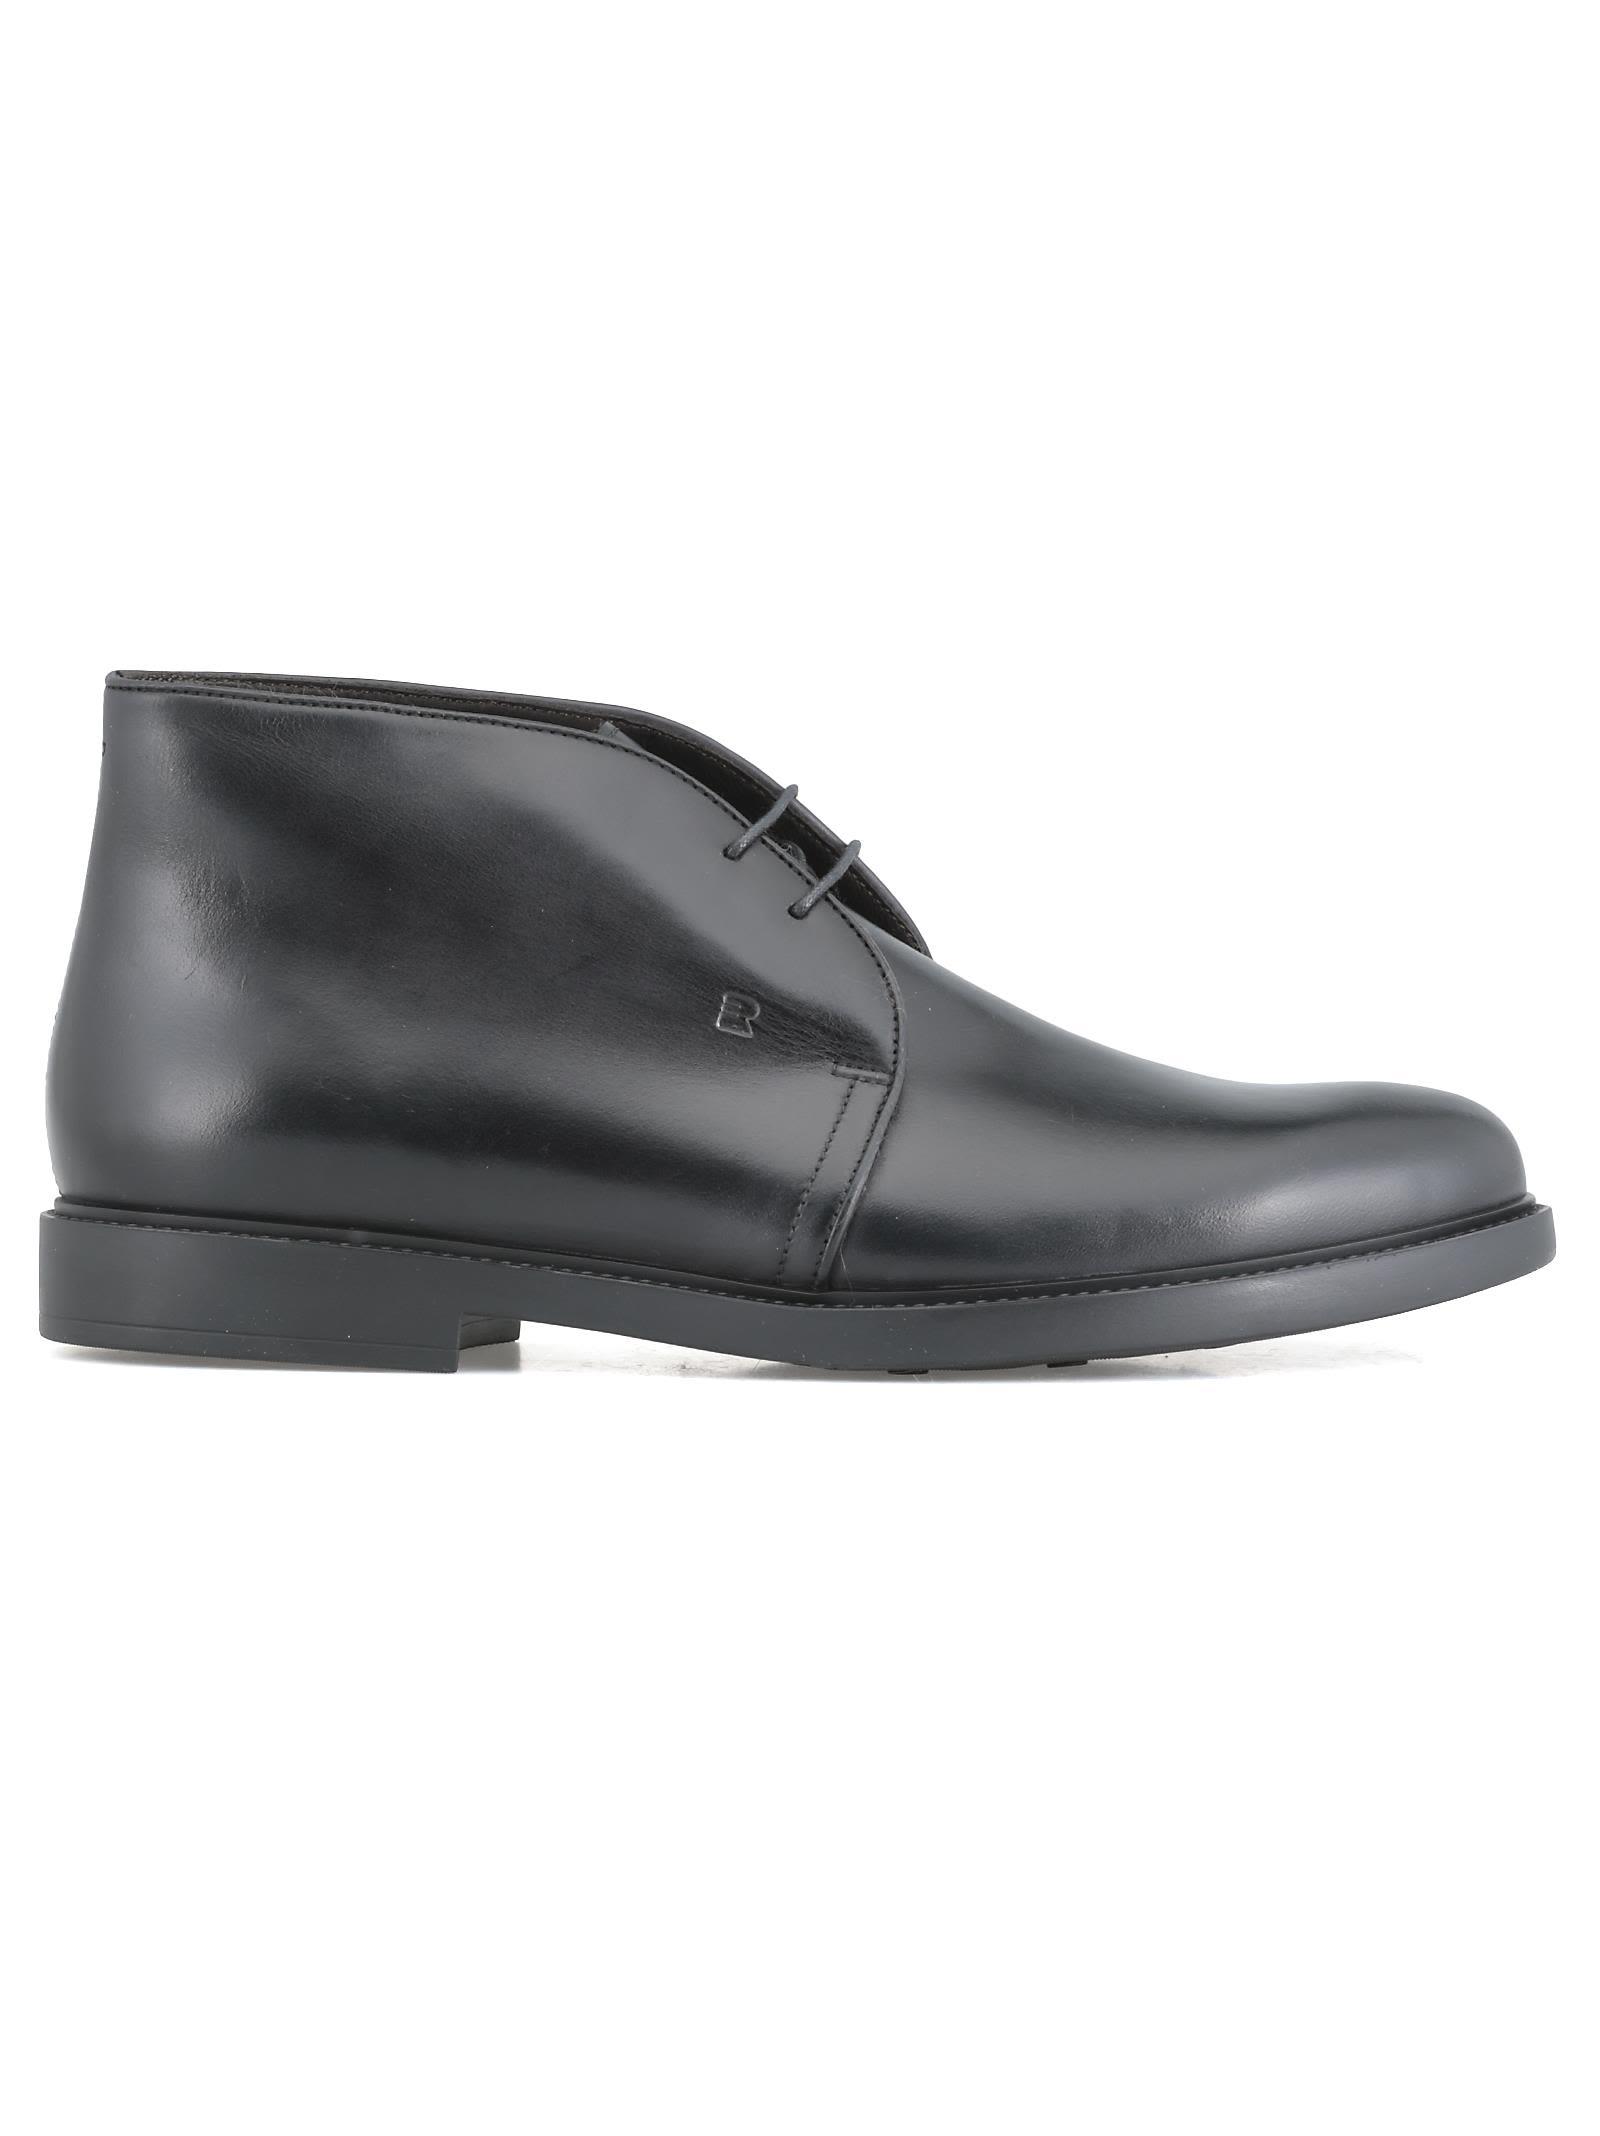 FRATELLI ROSSETTI Leather Desert Boot in Black